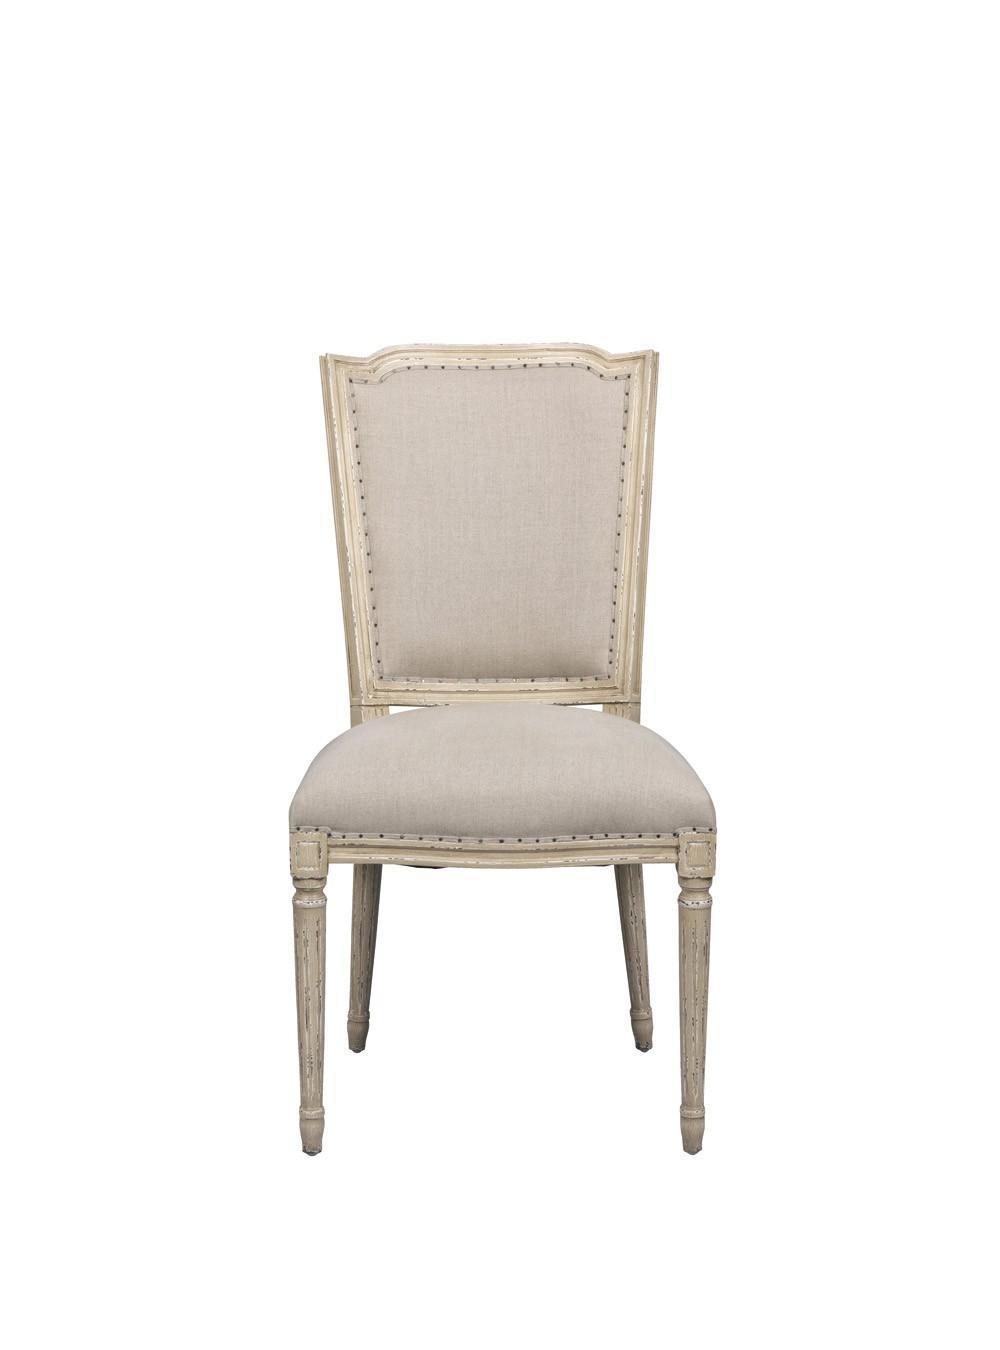 Amelie chaise blanc d 39 ivoire decofinder - Chaise blanc d ivoire ...